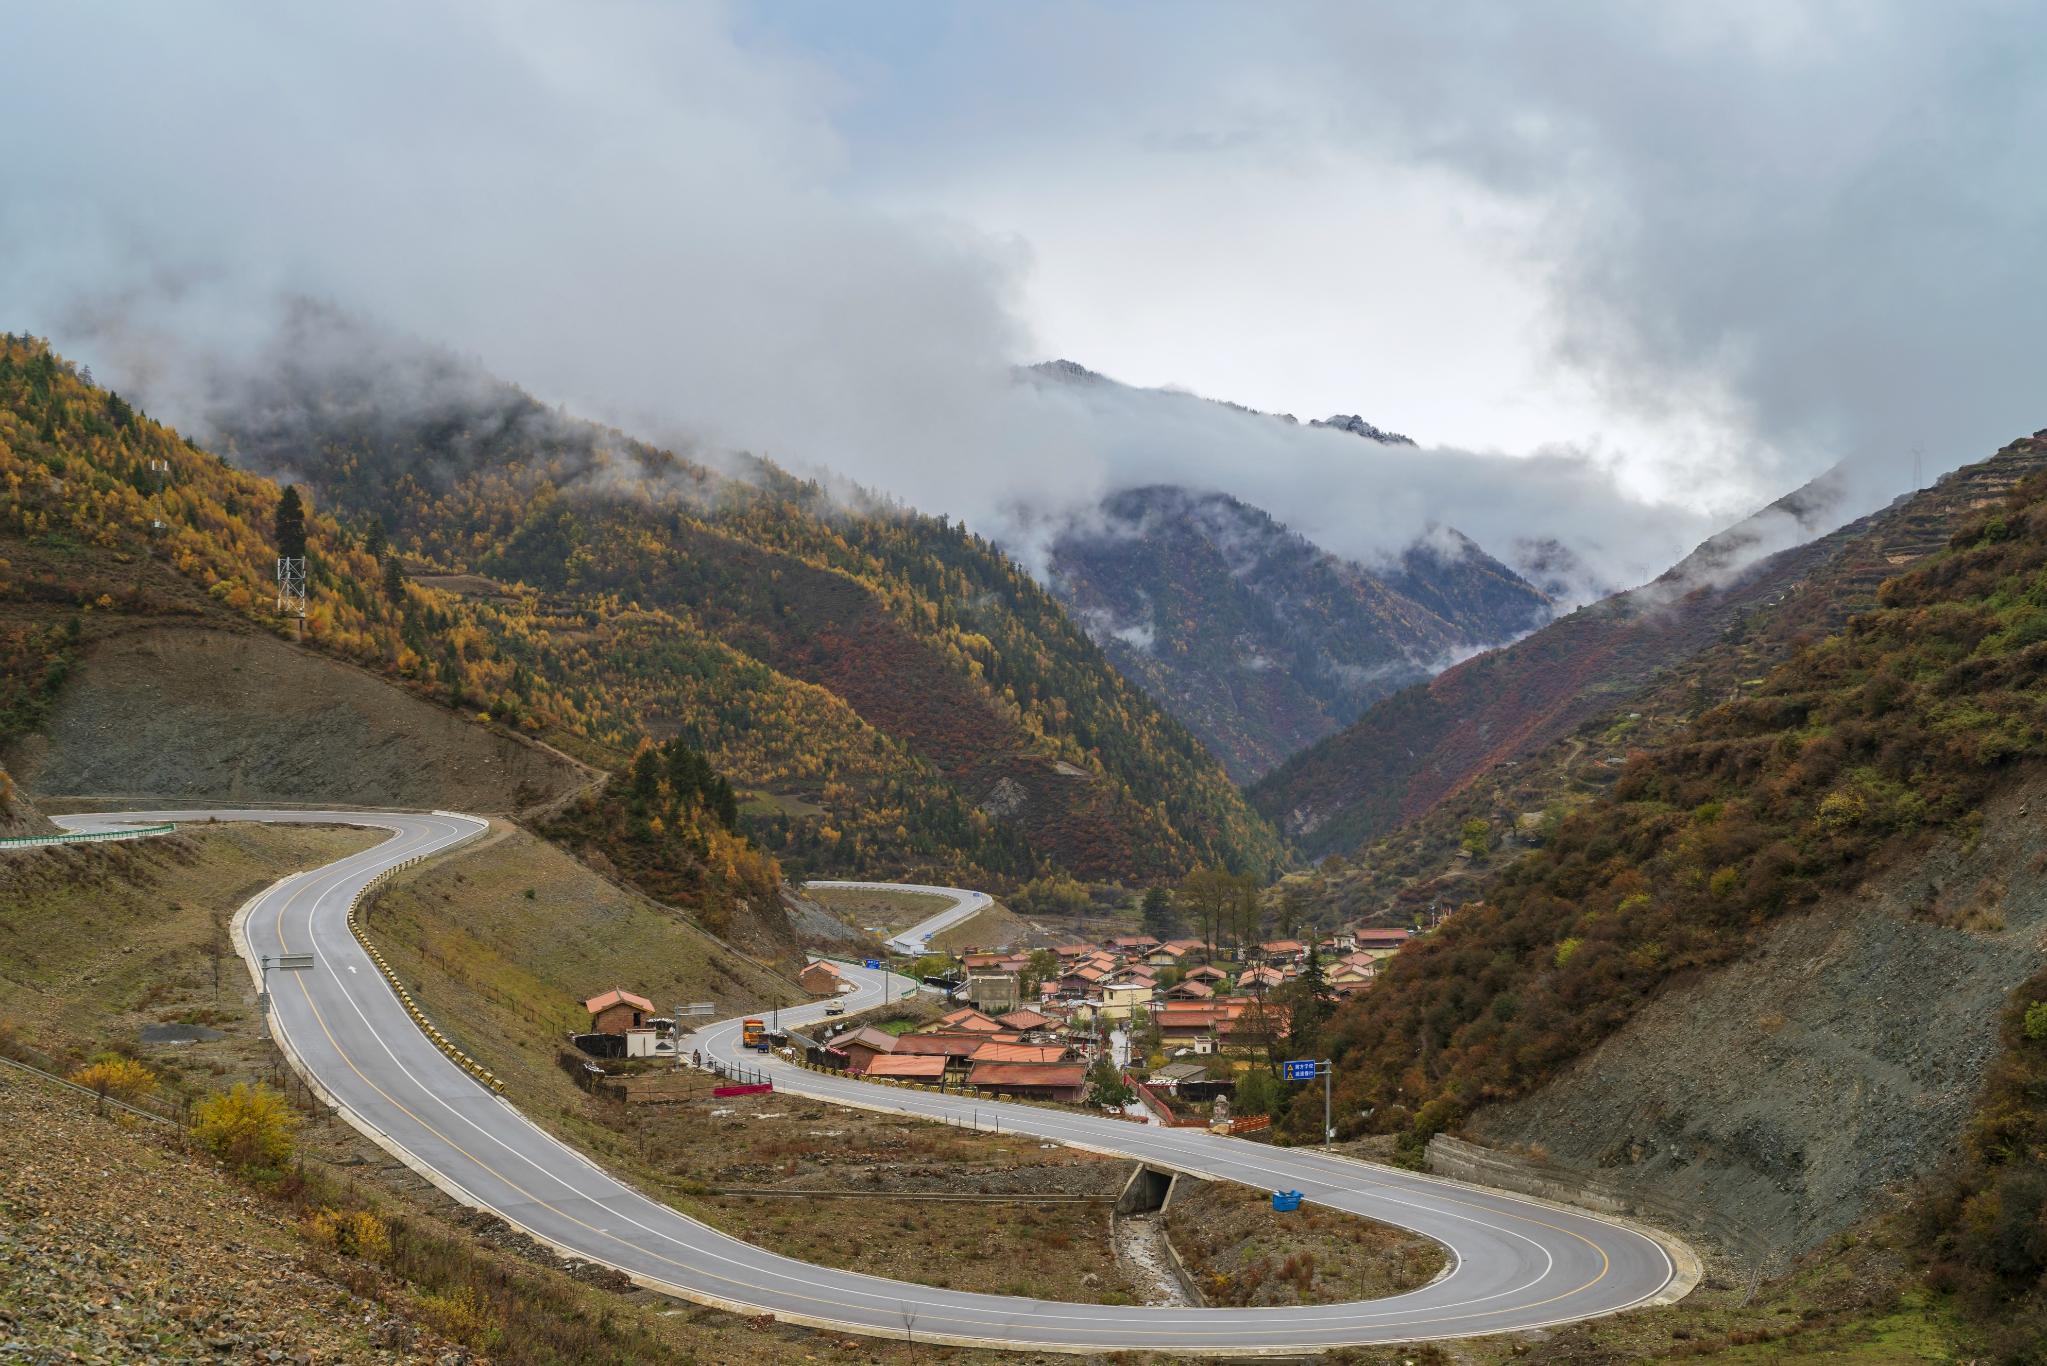 一条隐匿在岷山秦岭横断山脉川藏高原的秘境 很多人竟不知道!